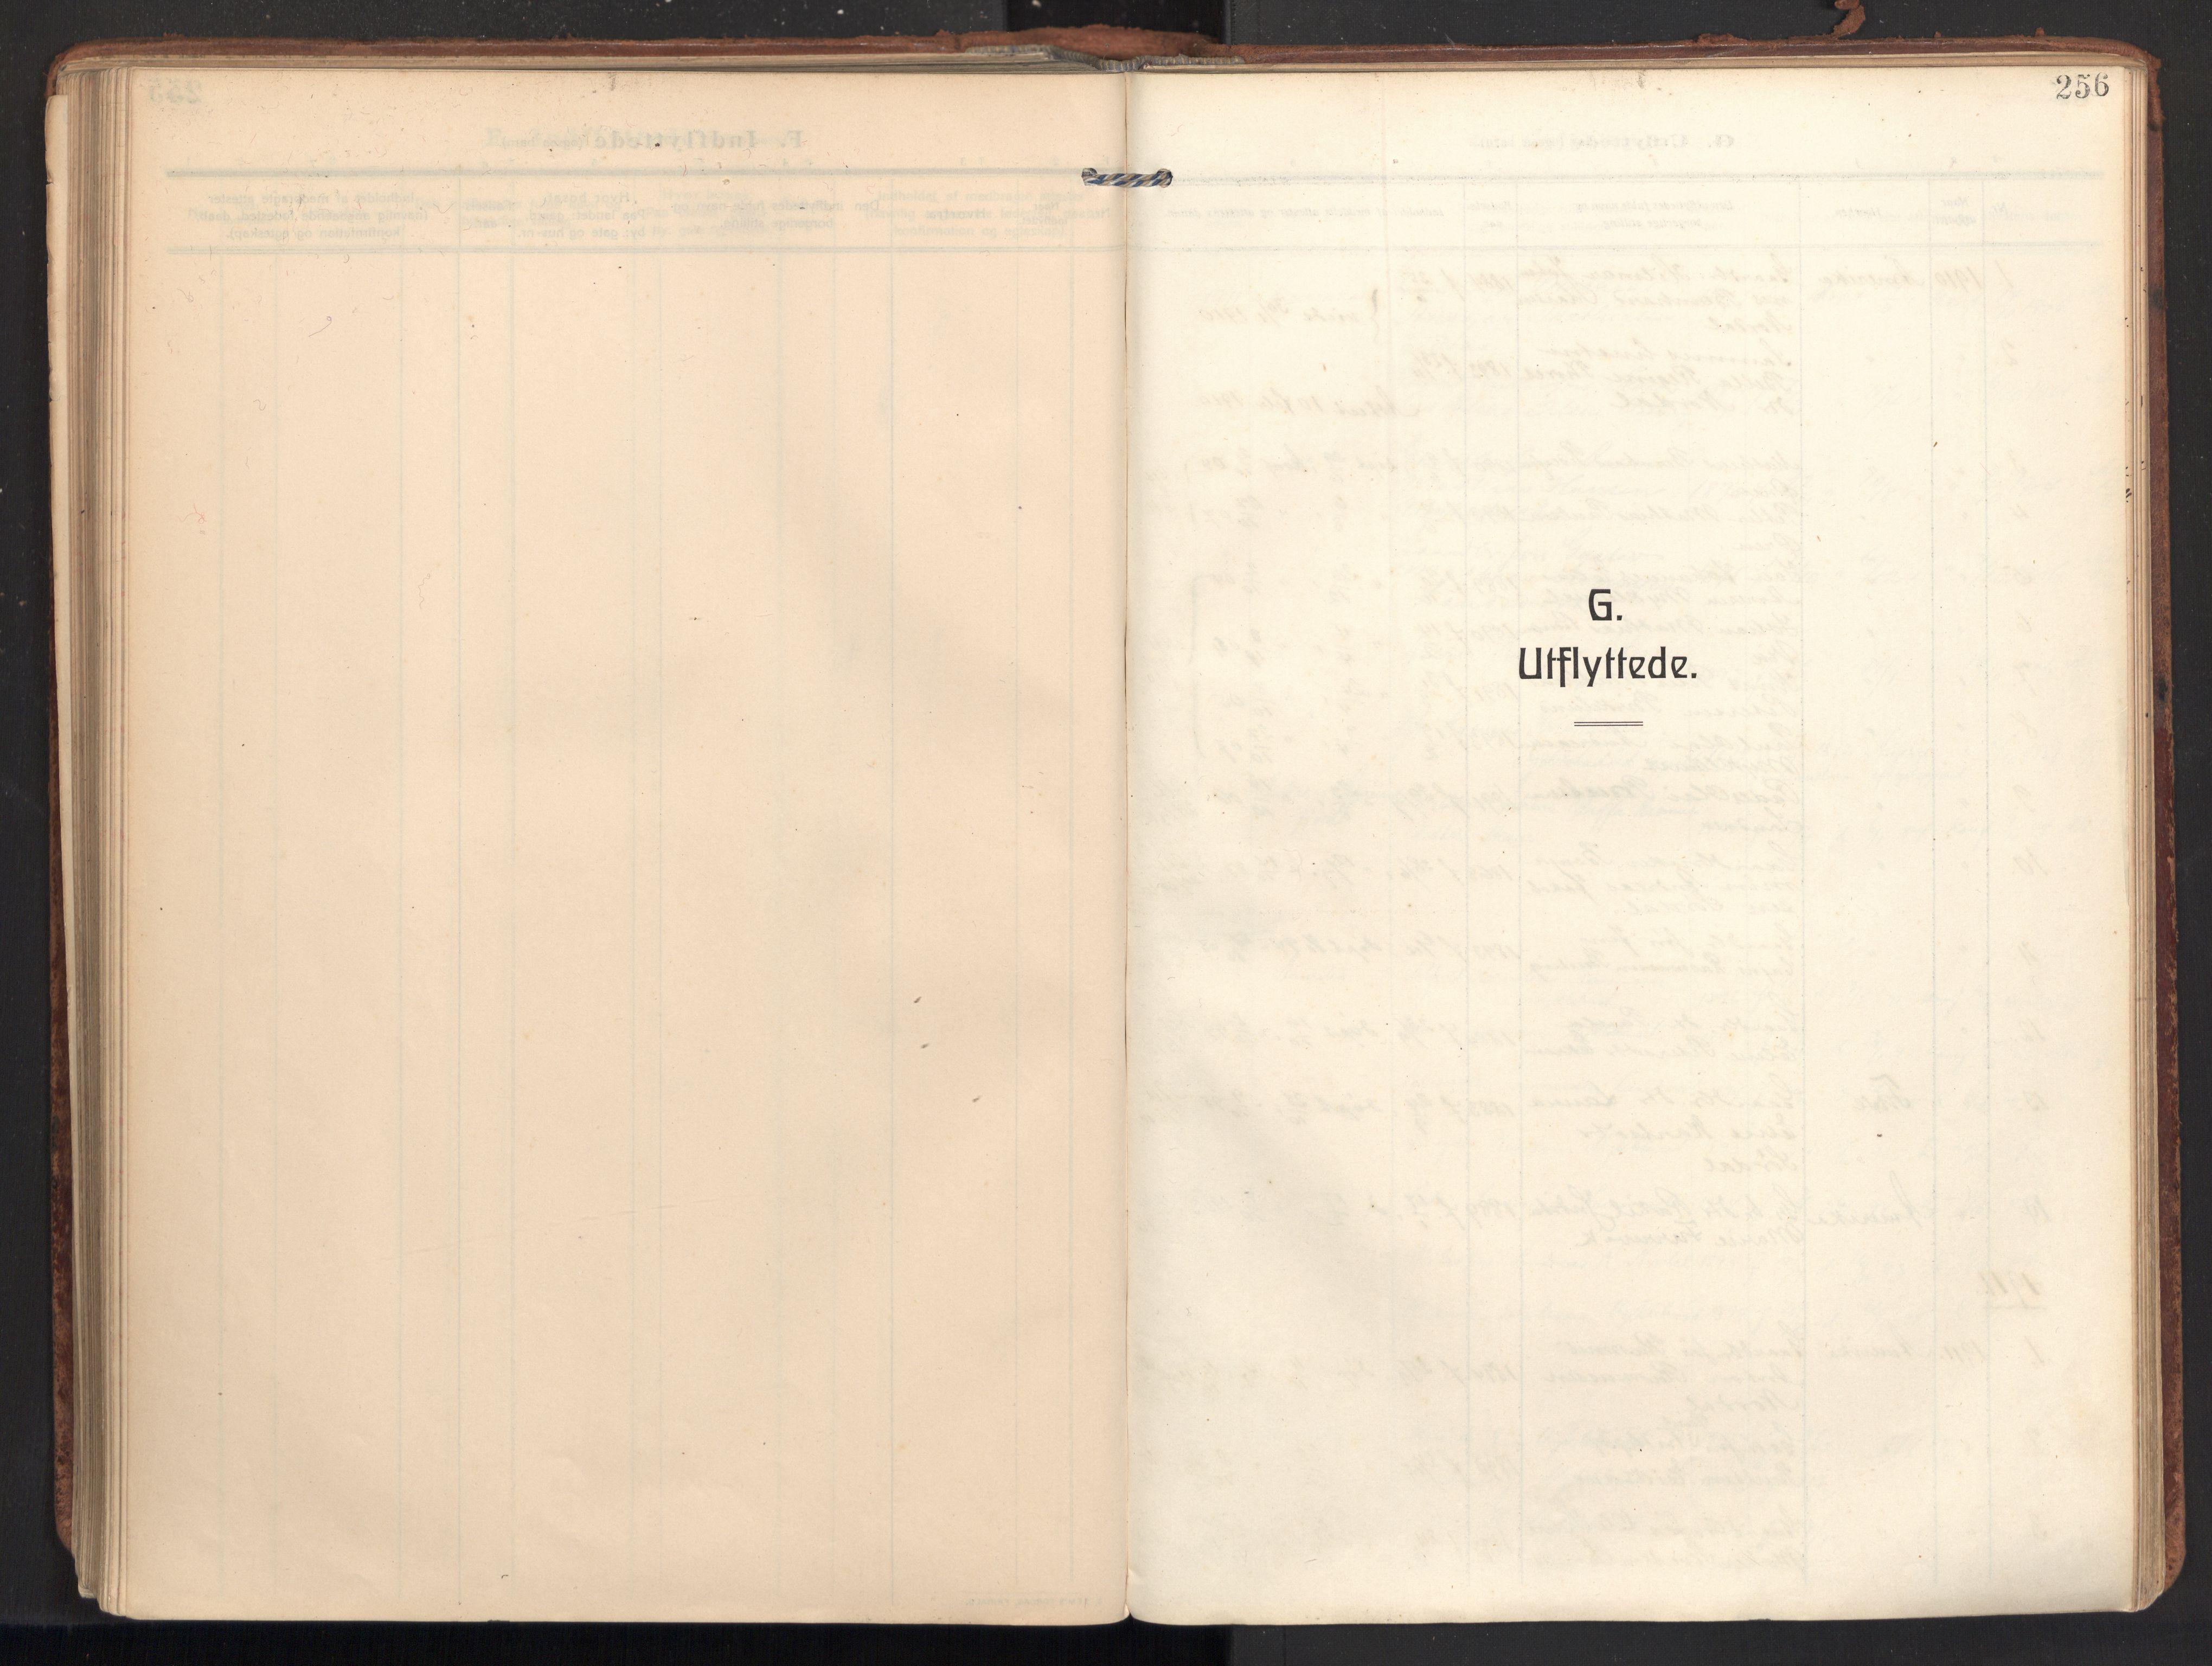 SAT, Ministerialprotokoller, klokkerbøker og fødselsregistre - Møre og Romsdal, 502/L0026: Ministerialbok nr. 502A04, 1909-1933, s. 256